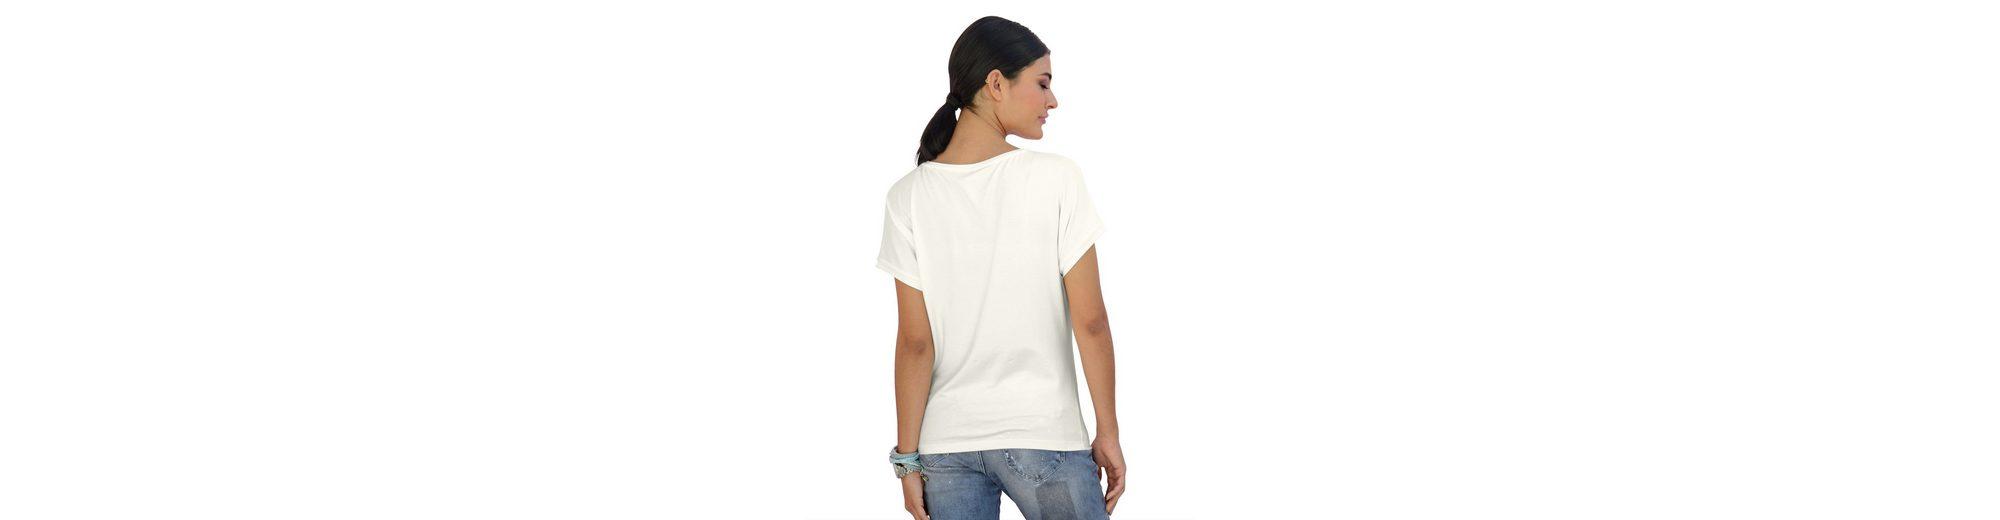 Alba Moda Shirt mit appliziertem Schriftzug Verkauf Footlocker Finden Großen Günstigen Preis Billig R32G1